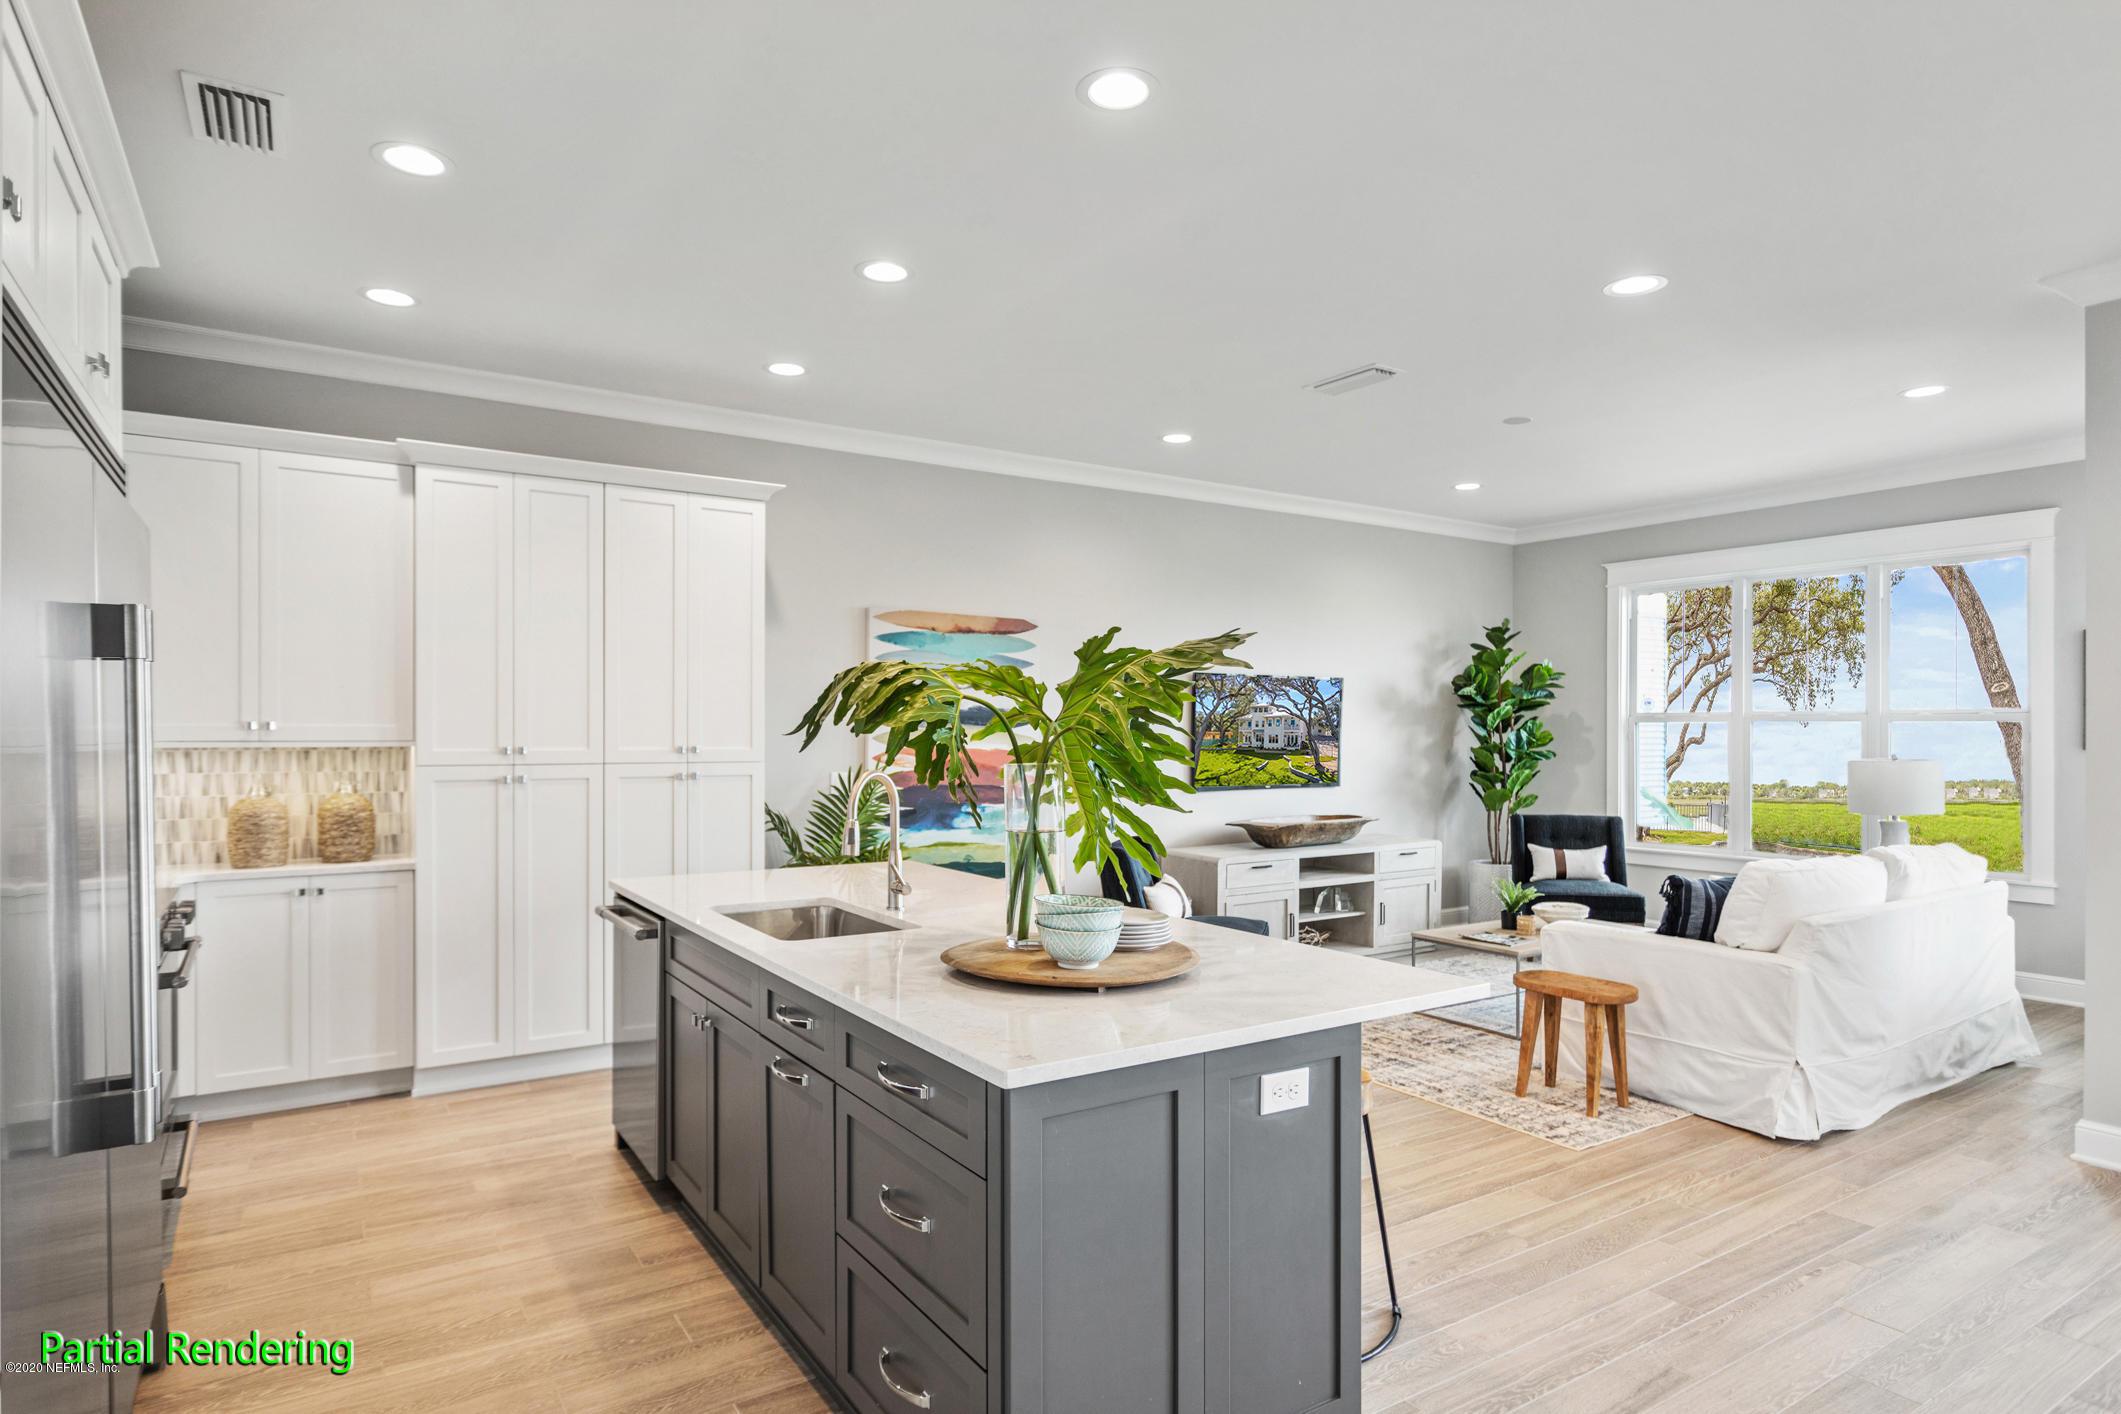 95 CHEROKEE, ST AUGUSTINE, FLORIDA 32084, 3 Bedrooms Bedrooms, ,2 BathroomsBathrooms,Residential,For sale,CHEROKEE,975514